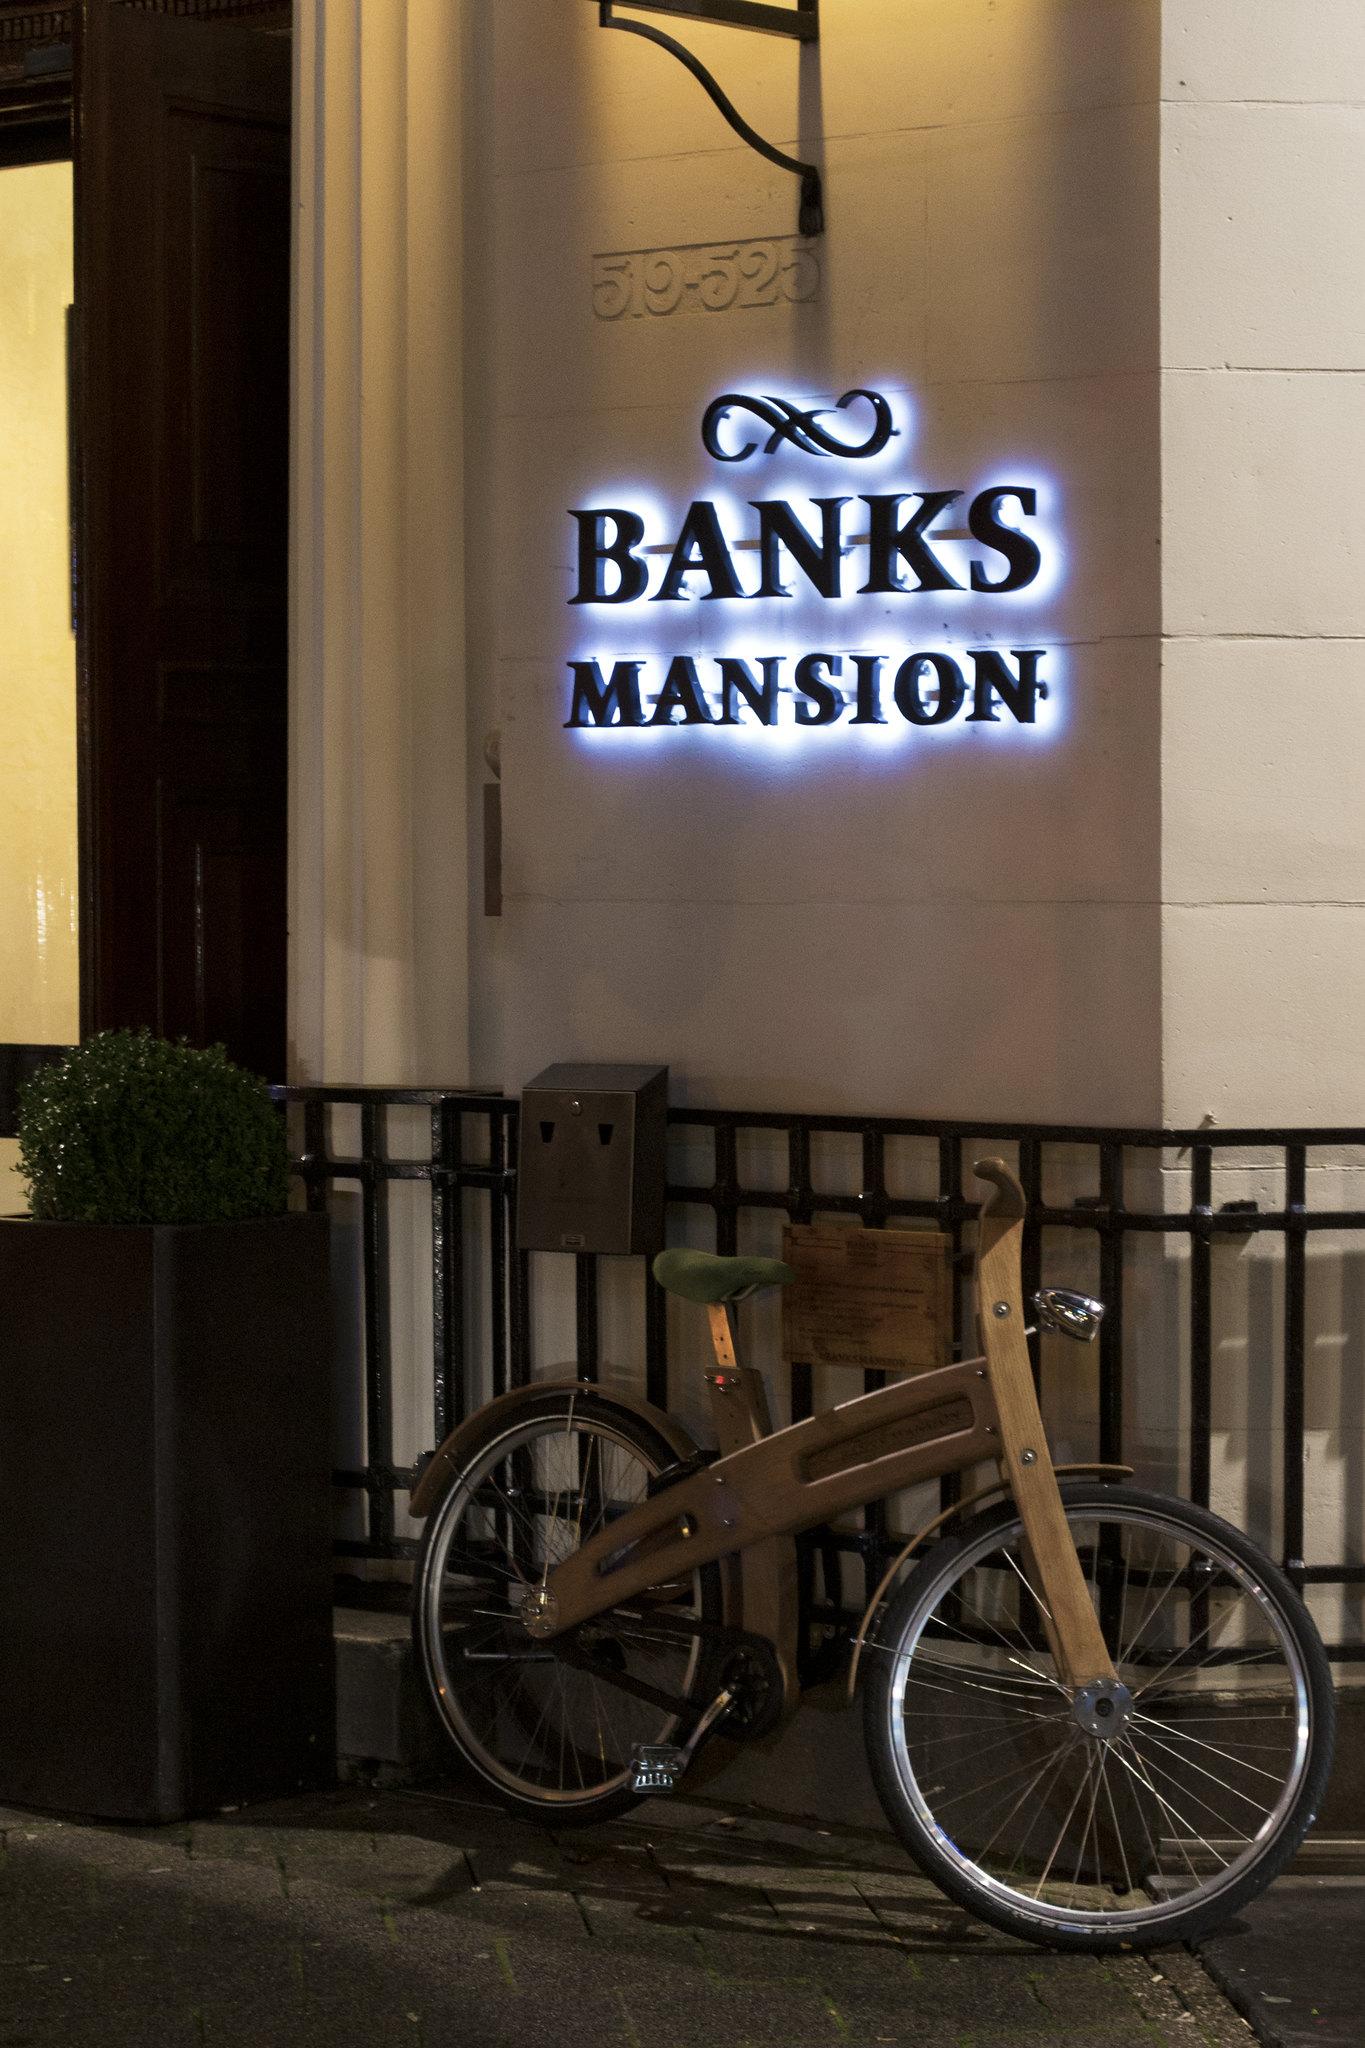 """Saving Mr Banks (auf dem Rad) [Bildbeschreibung: Ein Fahrrad mit einem Holzrahmen lehnt an einen schwarz lackierten Metallzaun an einem weiß getünchten Haus. Der Bildausschnitt zeigt nur das Rad und einen Teil der links daneben befindlichen Eingangstür des Hotels. Über dem Rad steht in weiß hinterleuchteten schwarzen Versalien """"BANKS MANSION"""".]"""